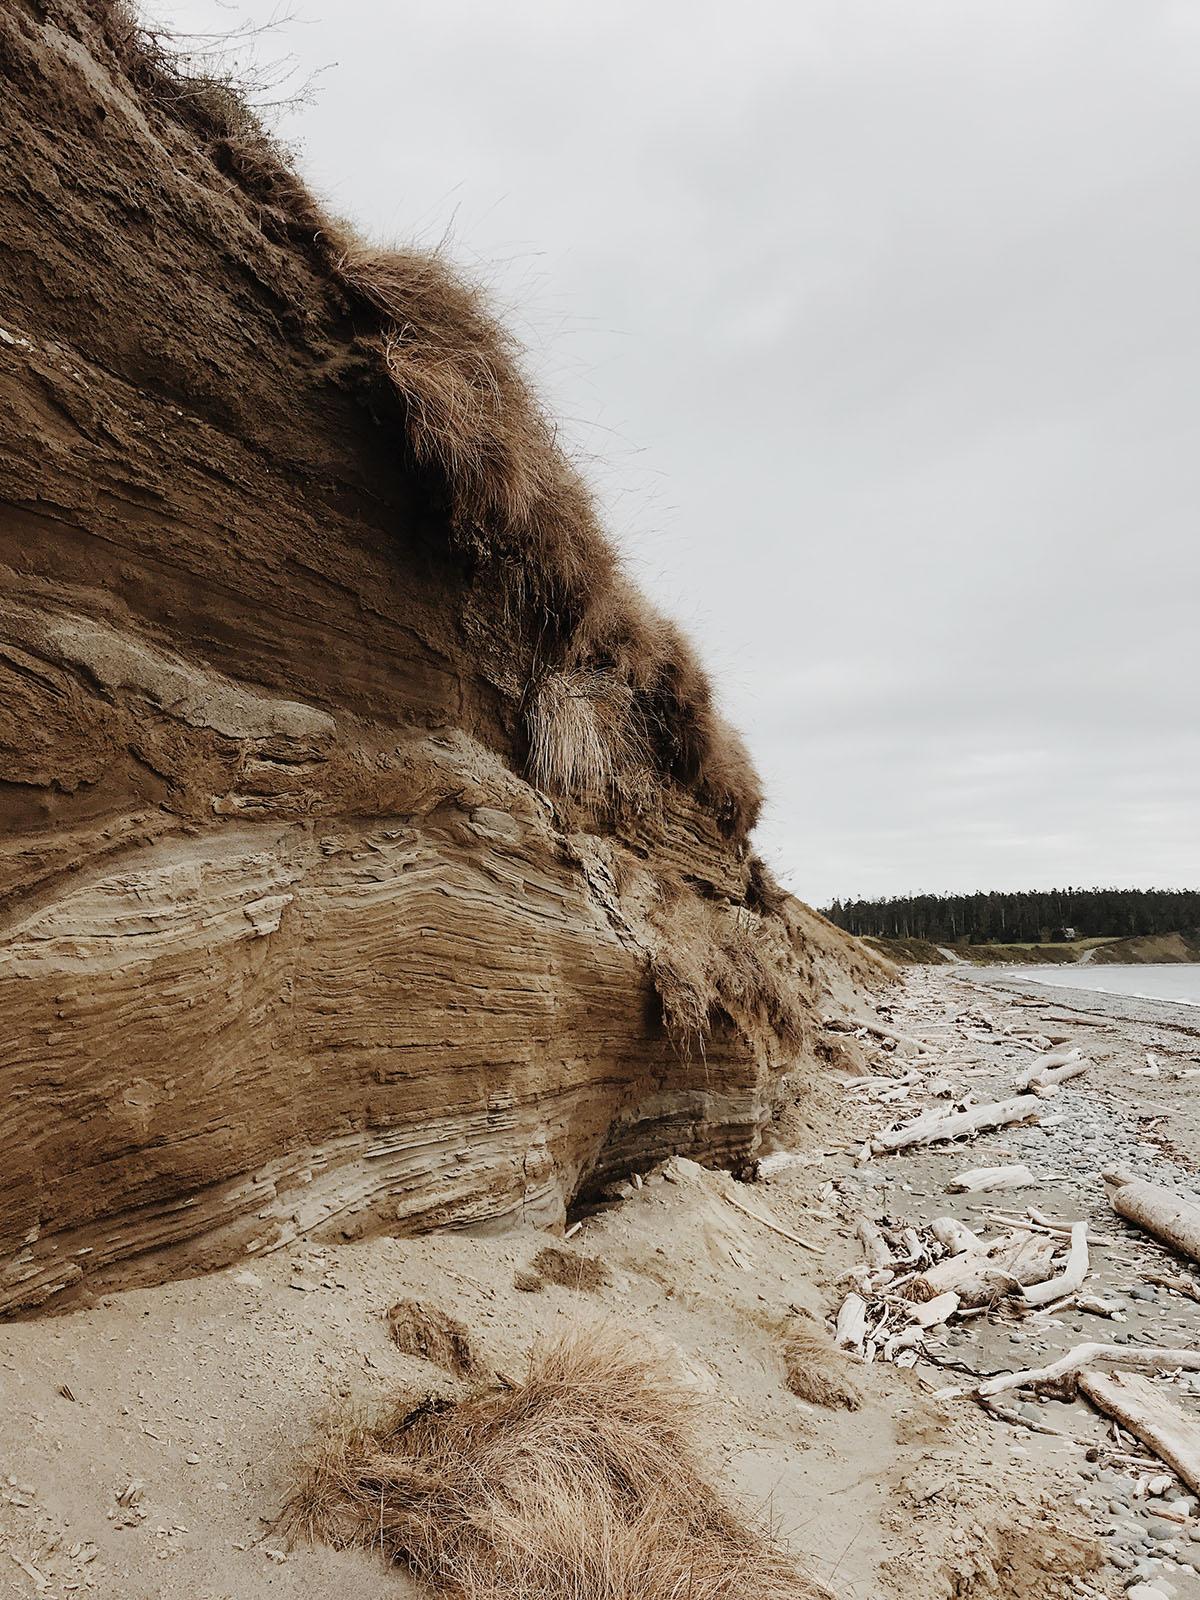 Le bluff et la promenade sur la plage d'Ebey sur l'île Whidbey